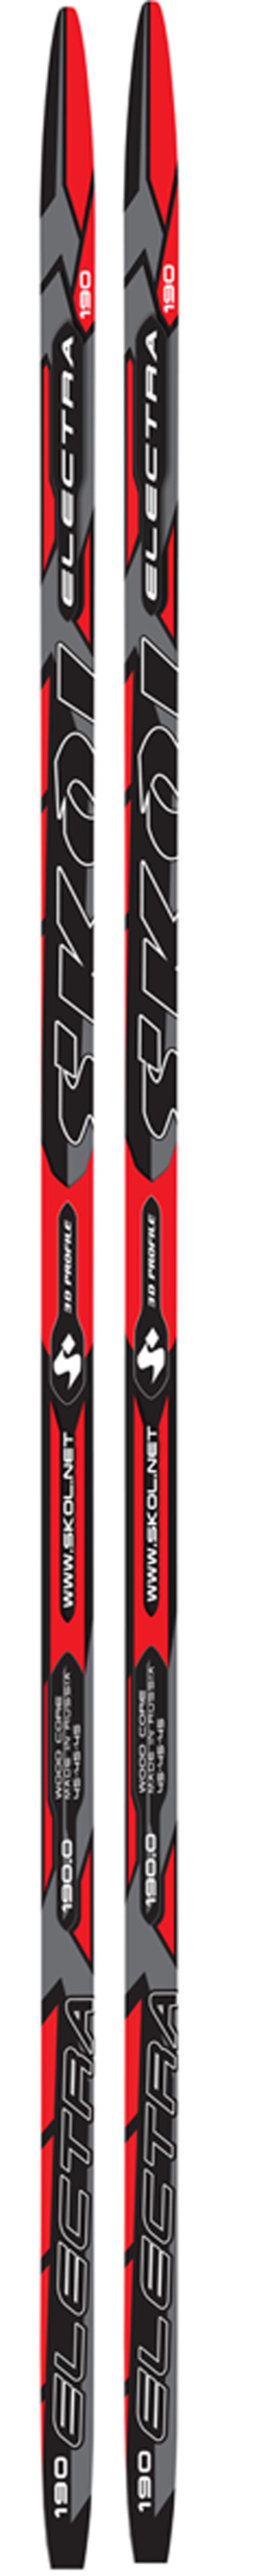 LSR/S-190 Běžecké lyže šupinaté s vázáním NNN